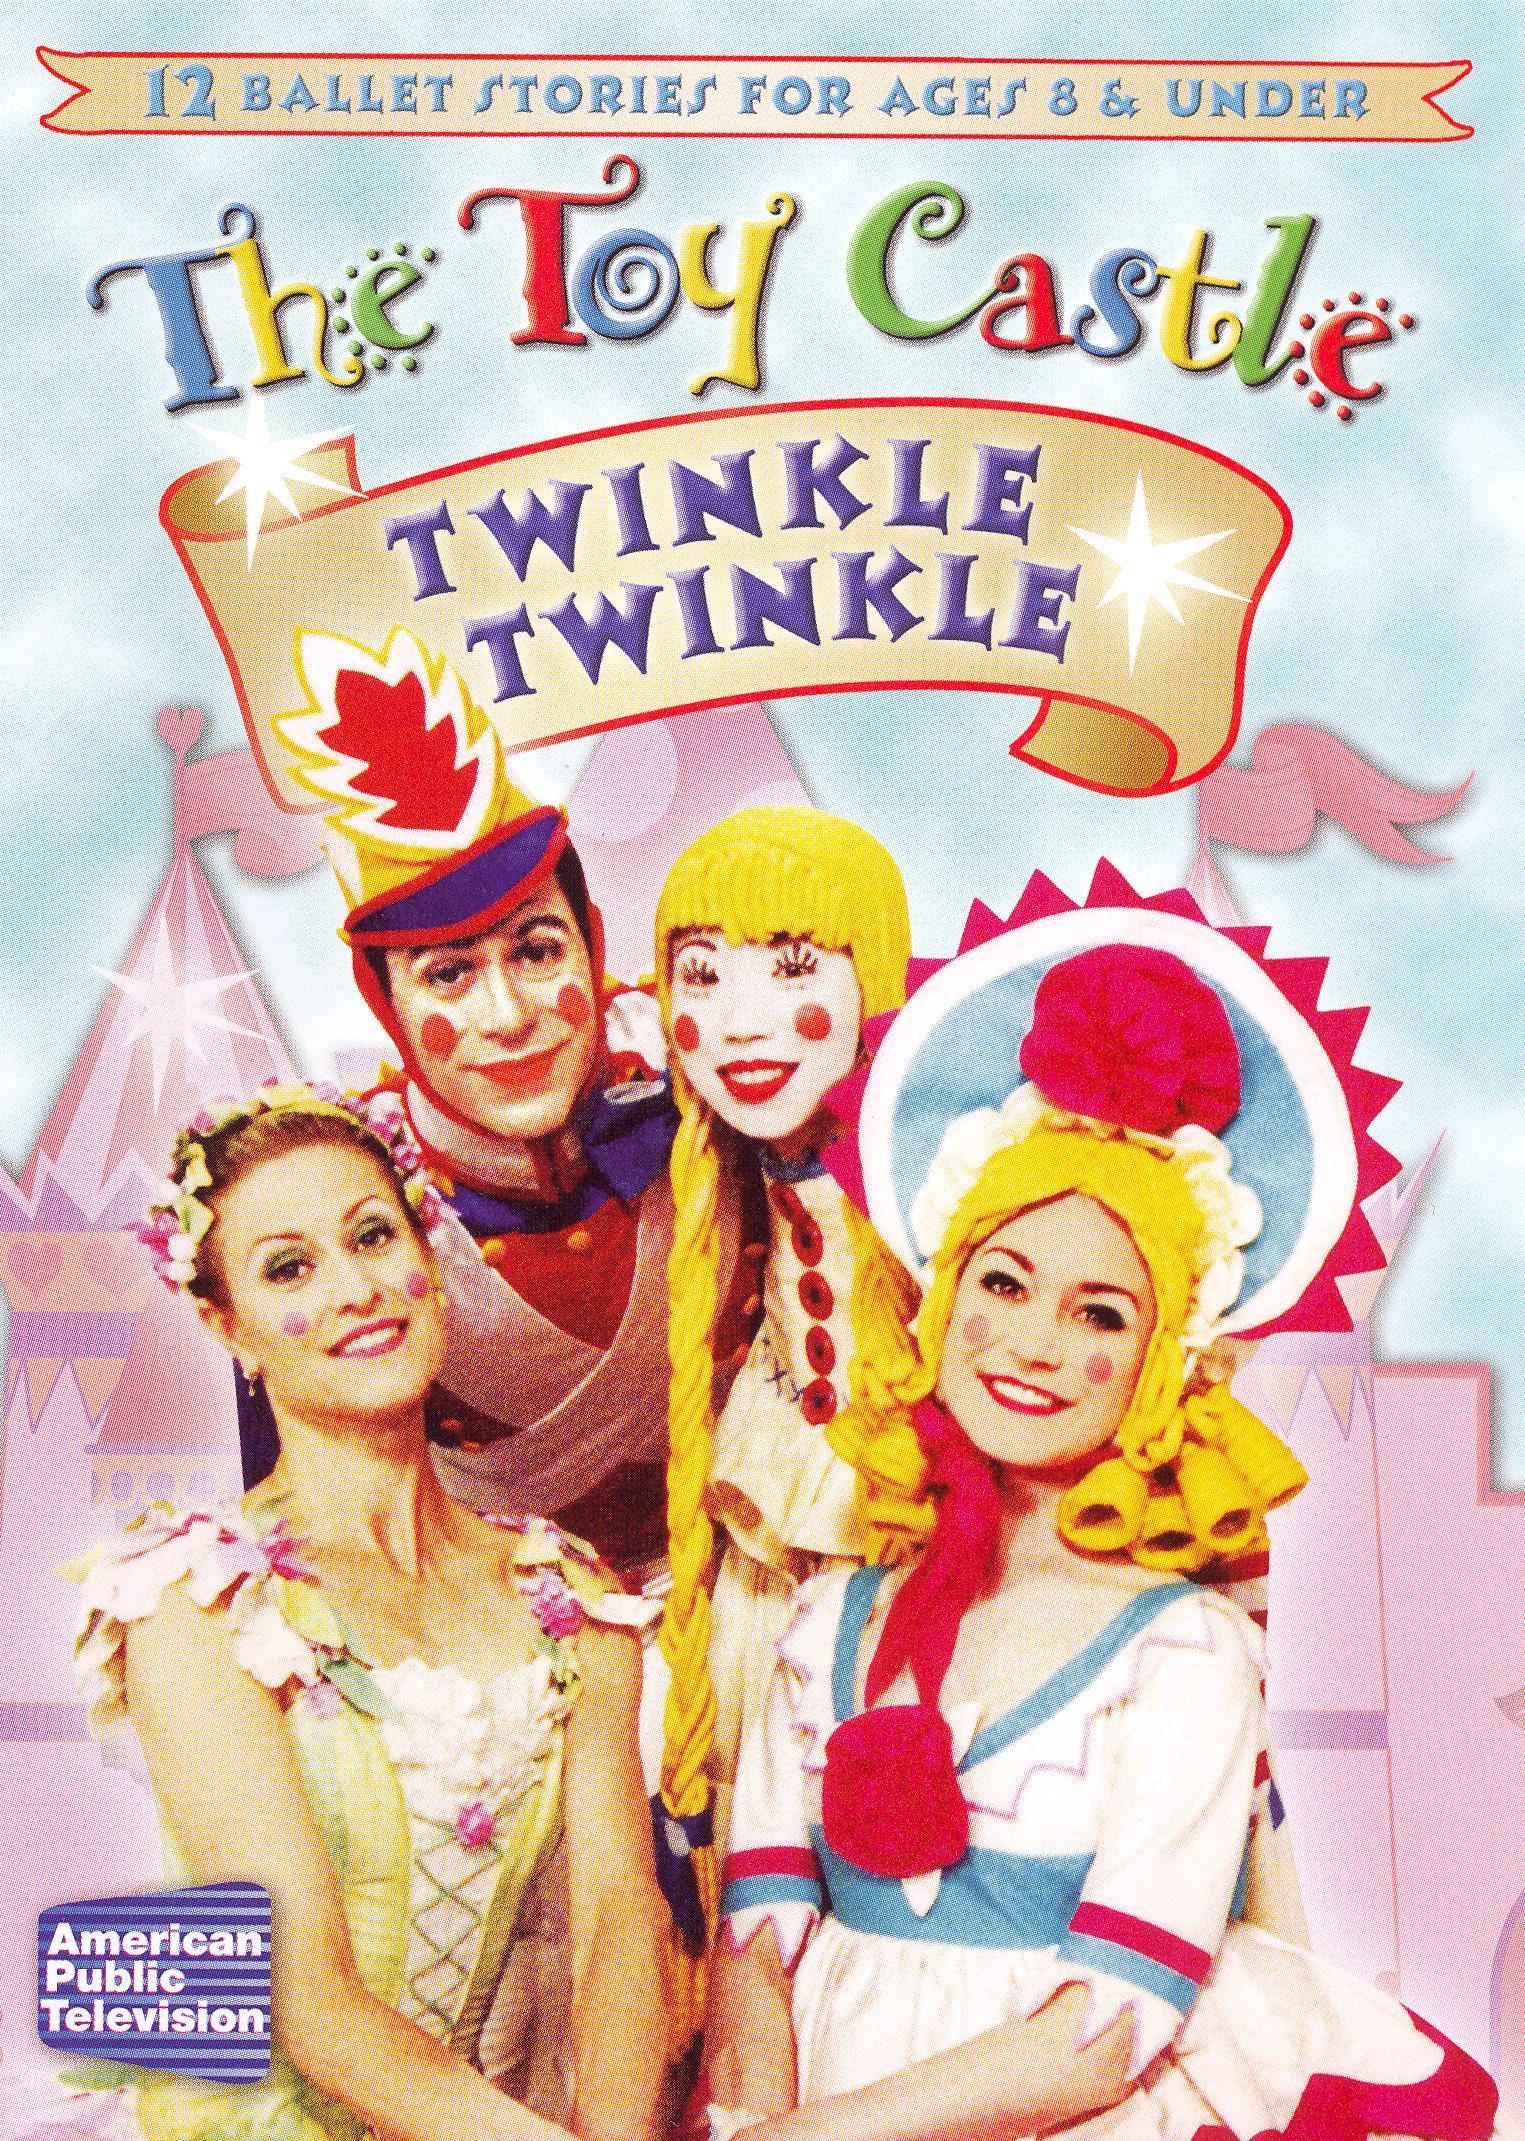 The Toy Castle: Twinkle Twinkle